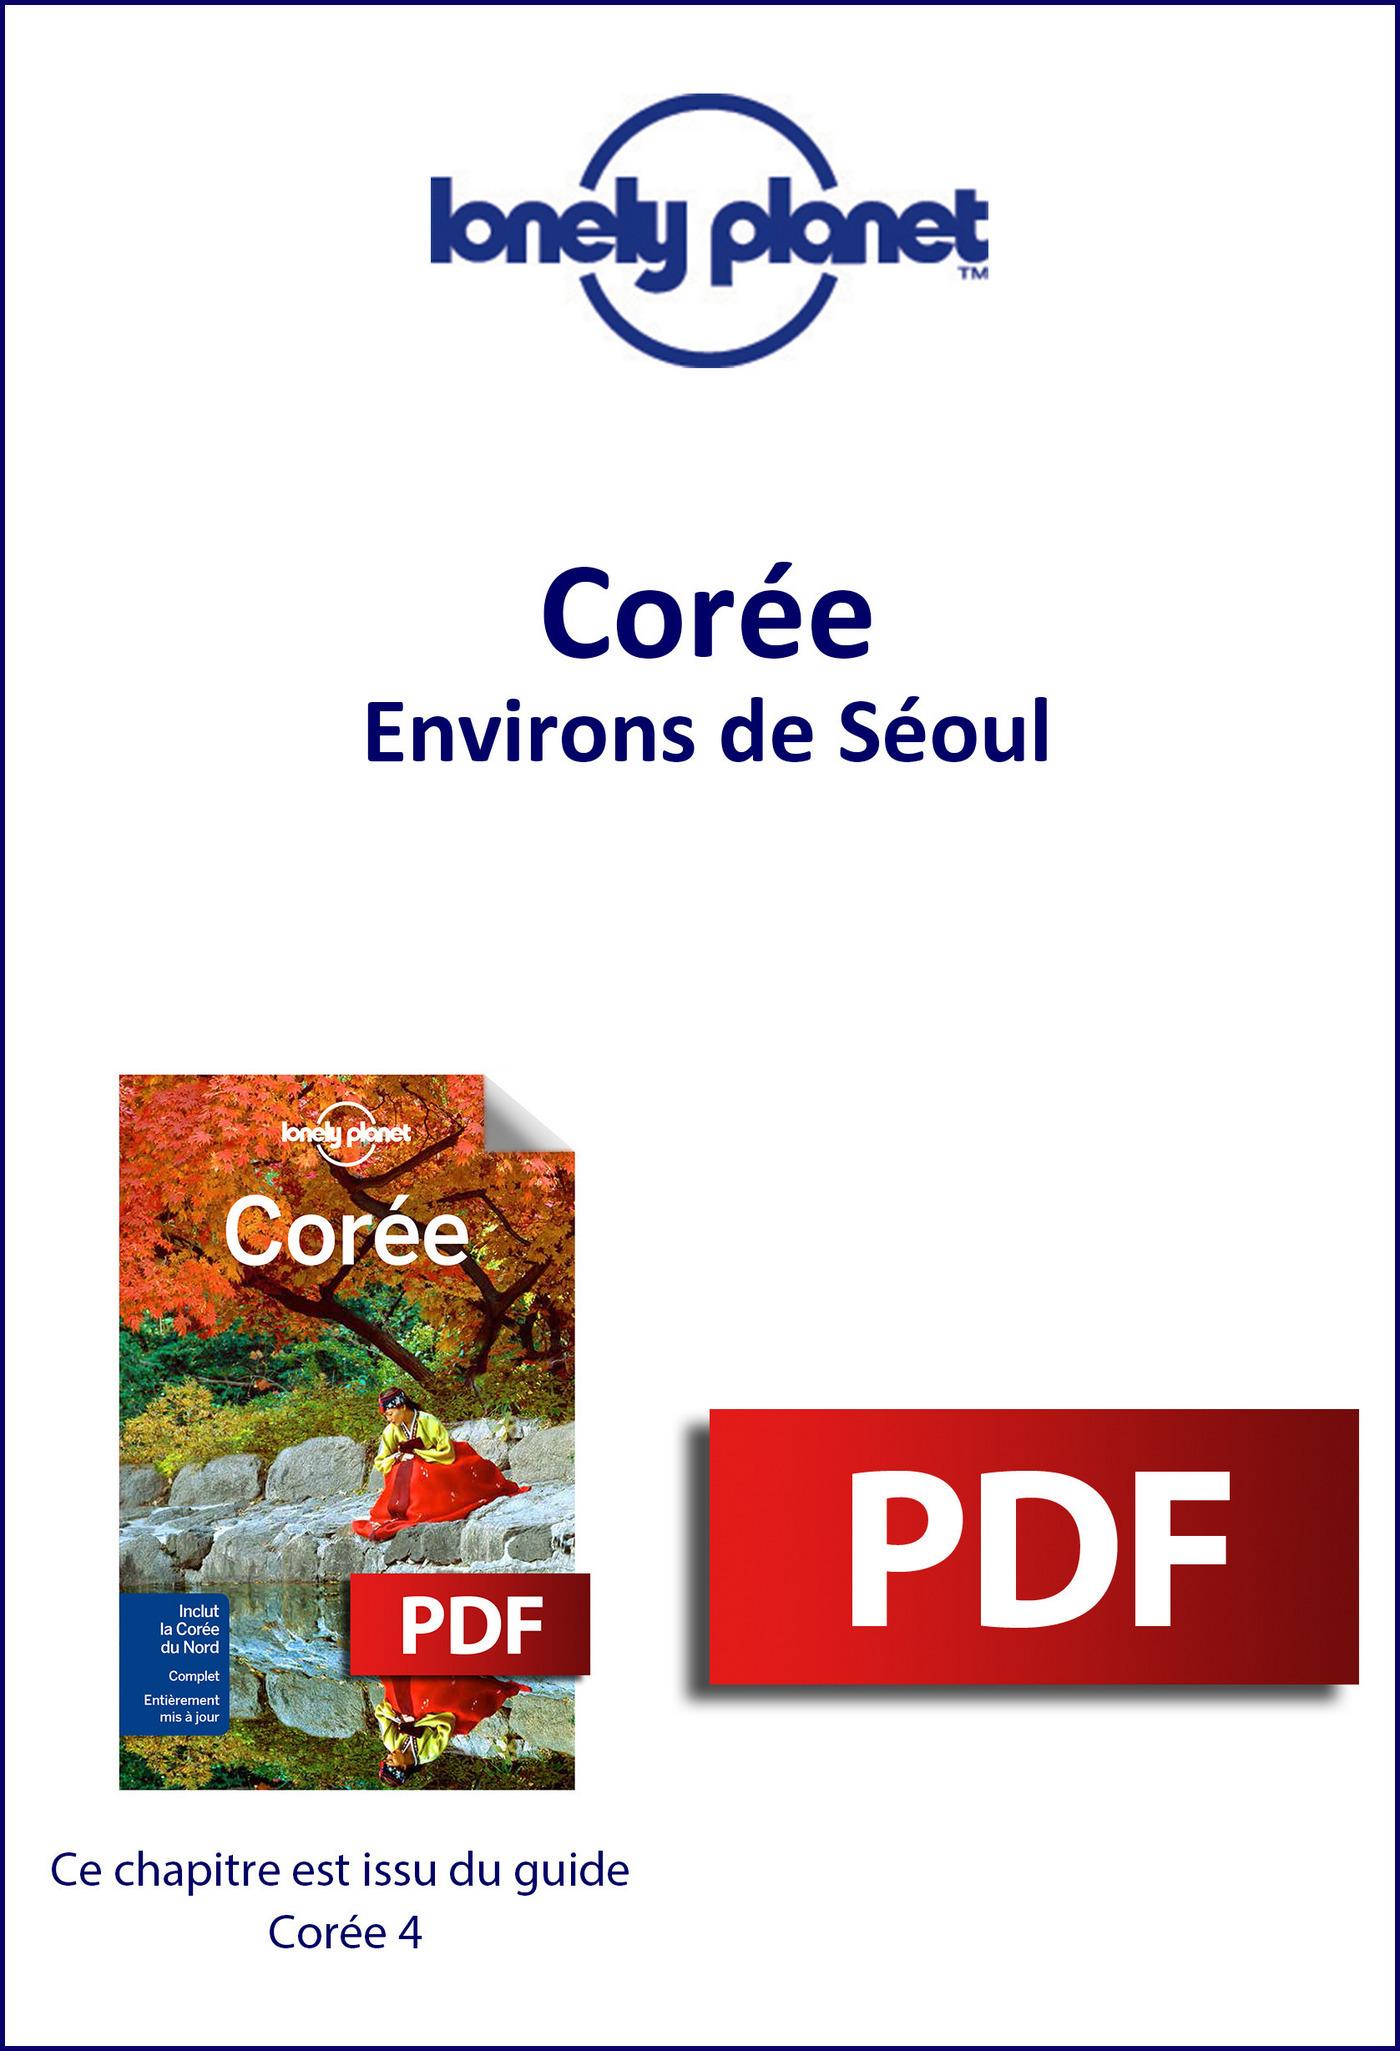 Corée - Environs de Séoul